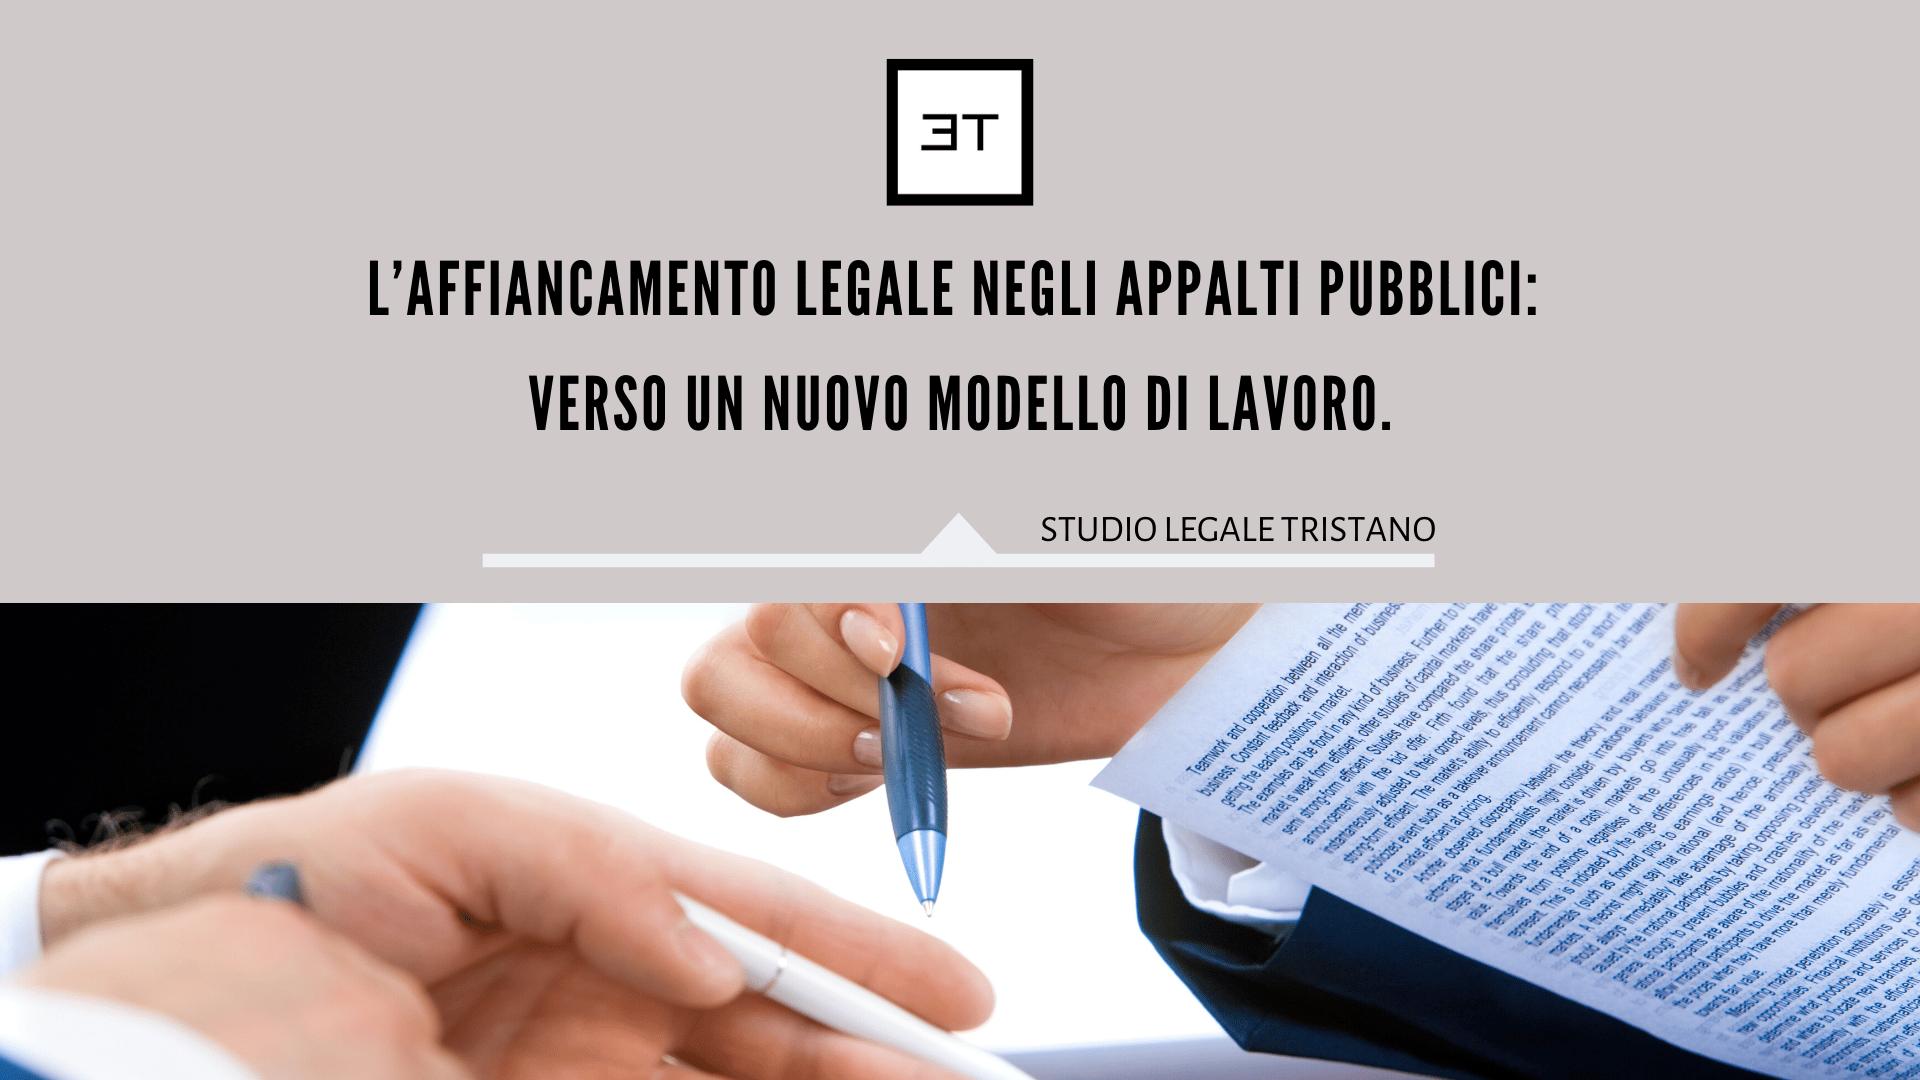 L'affiancamento legale negli appalti pubblici: verso un nuovo modello di lavoro.